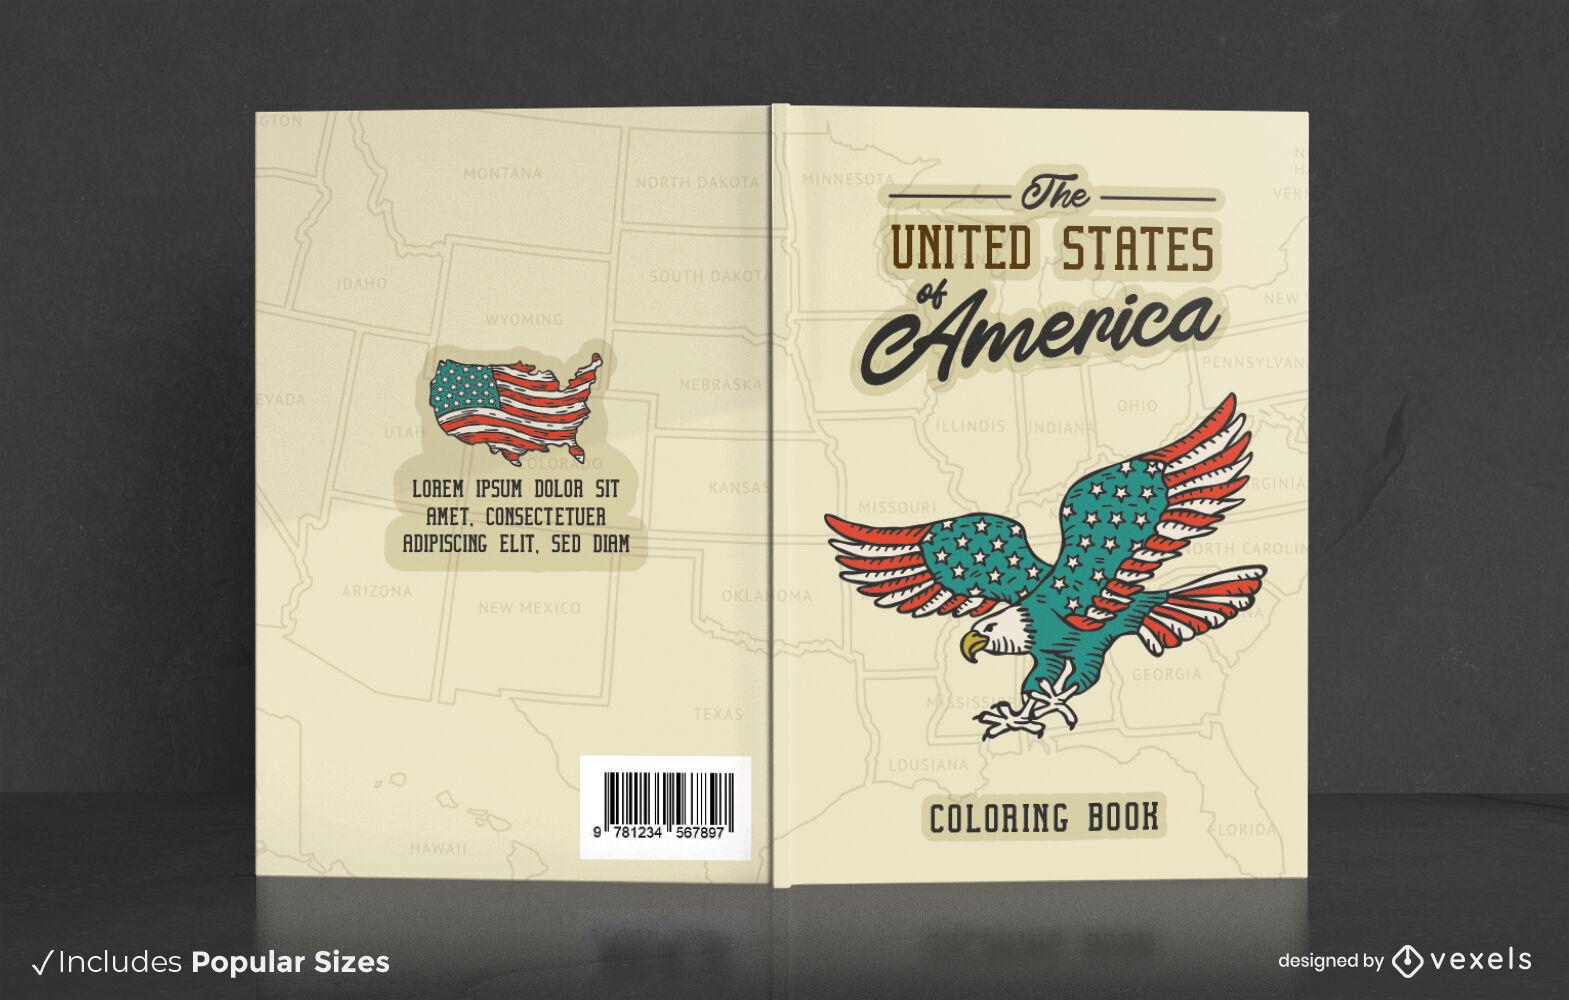 Dise?o de portada de libro para colorear de Estados Unidos